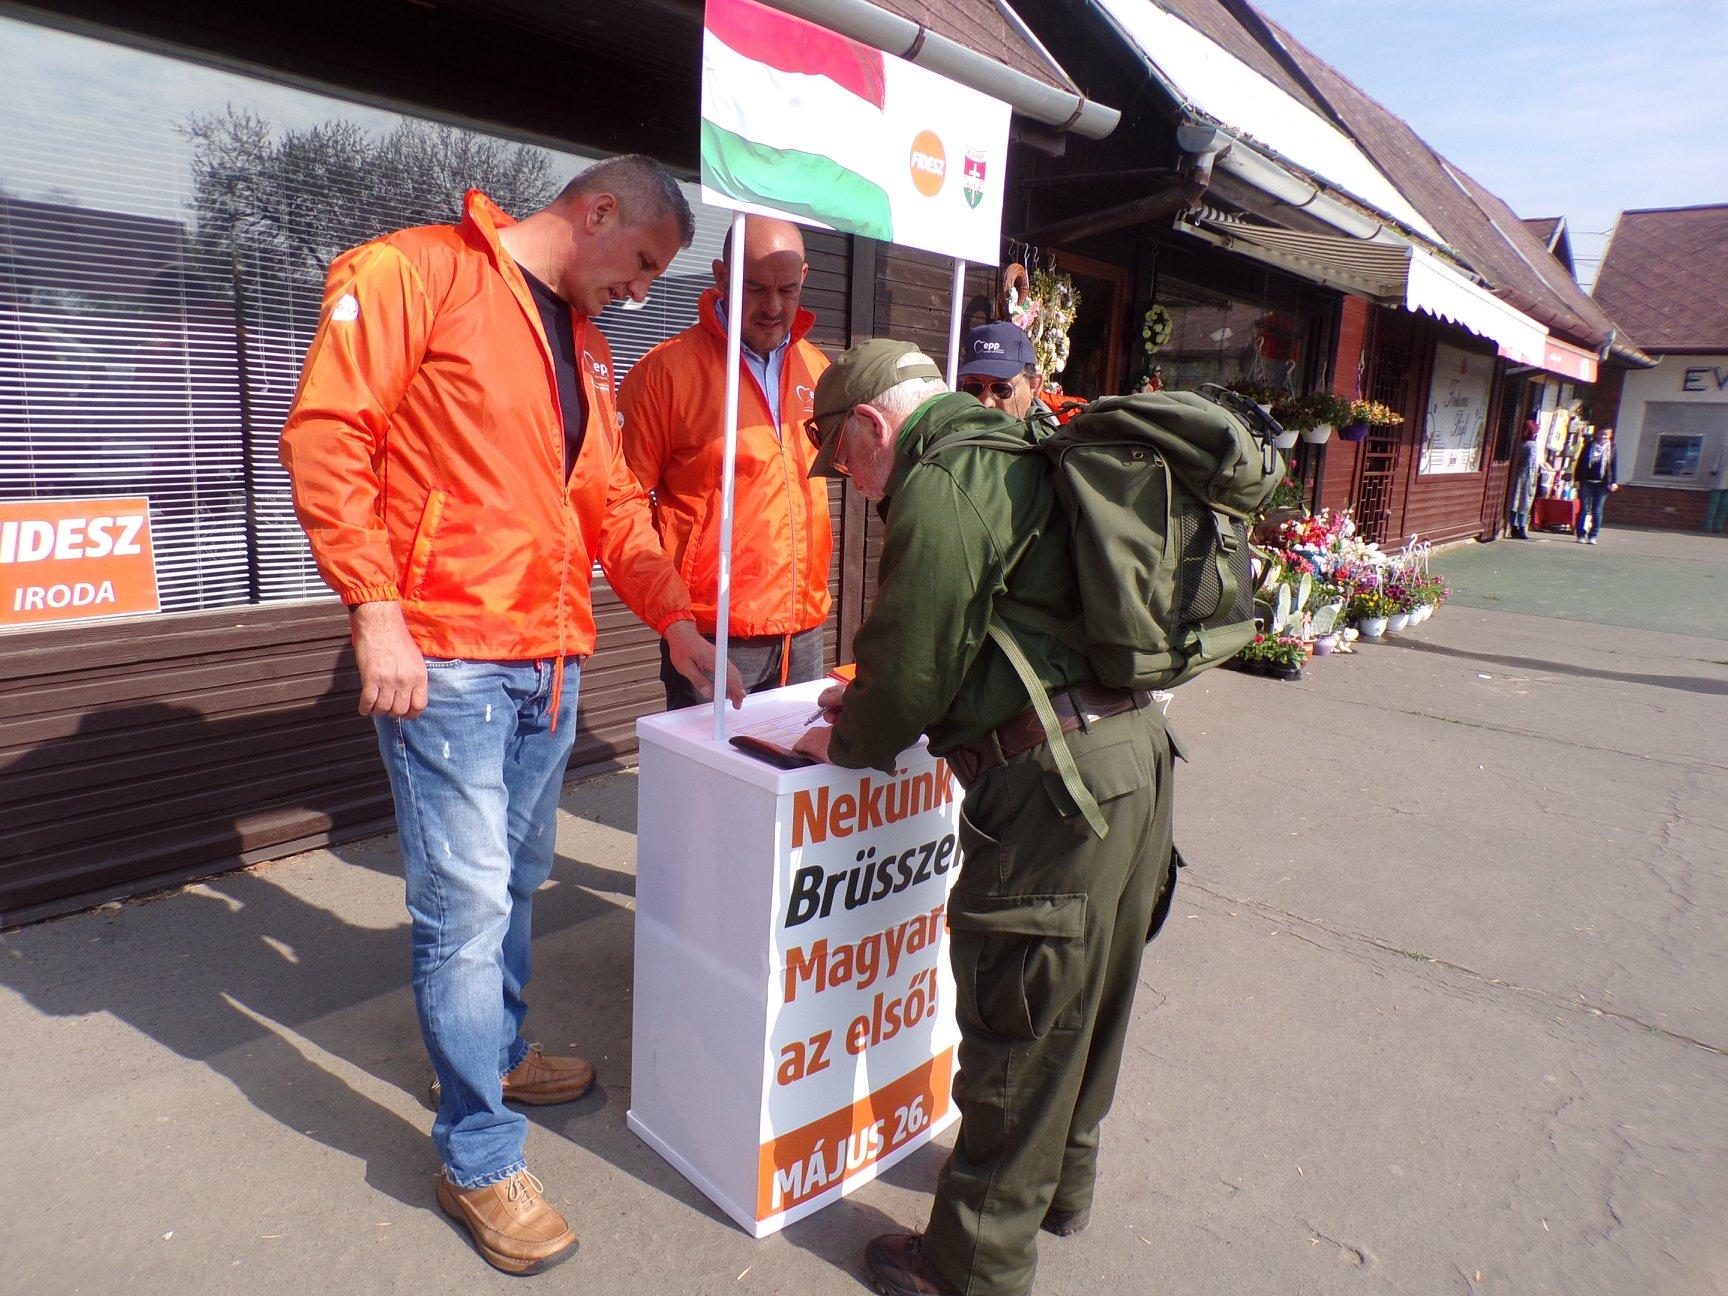 Pert nyert egy férfi a Fidesz ellen, mert nem tudták igazolni, honnan szerezték meg az e-mail-címét